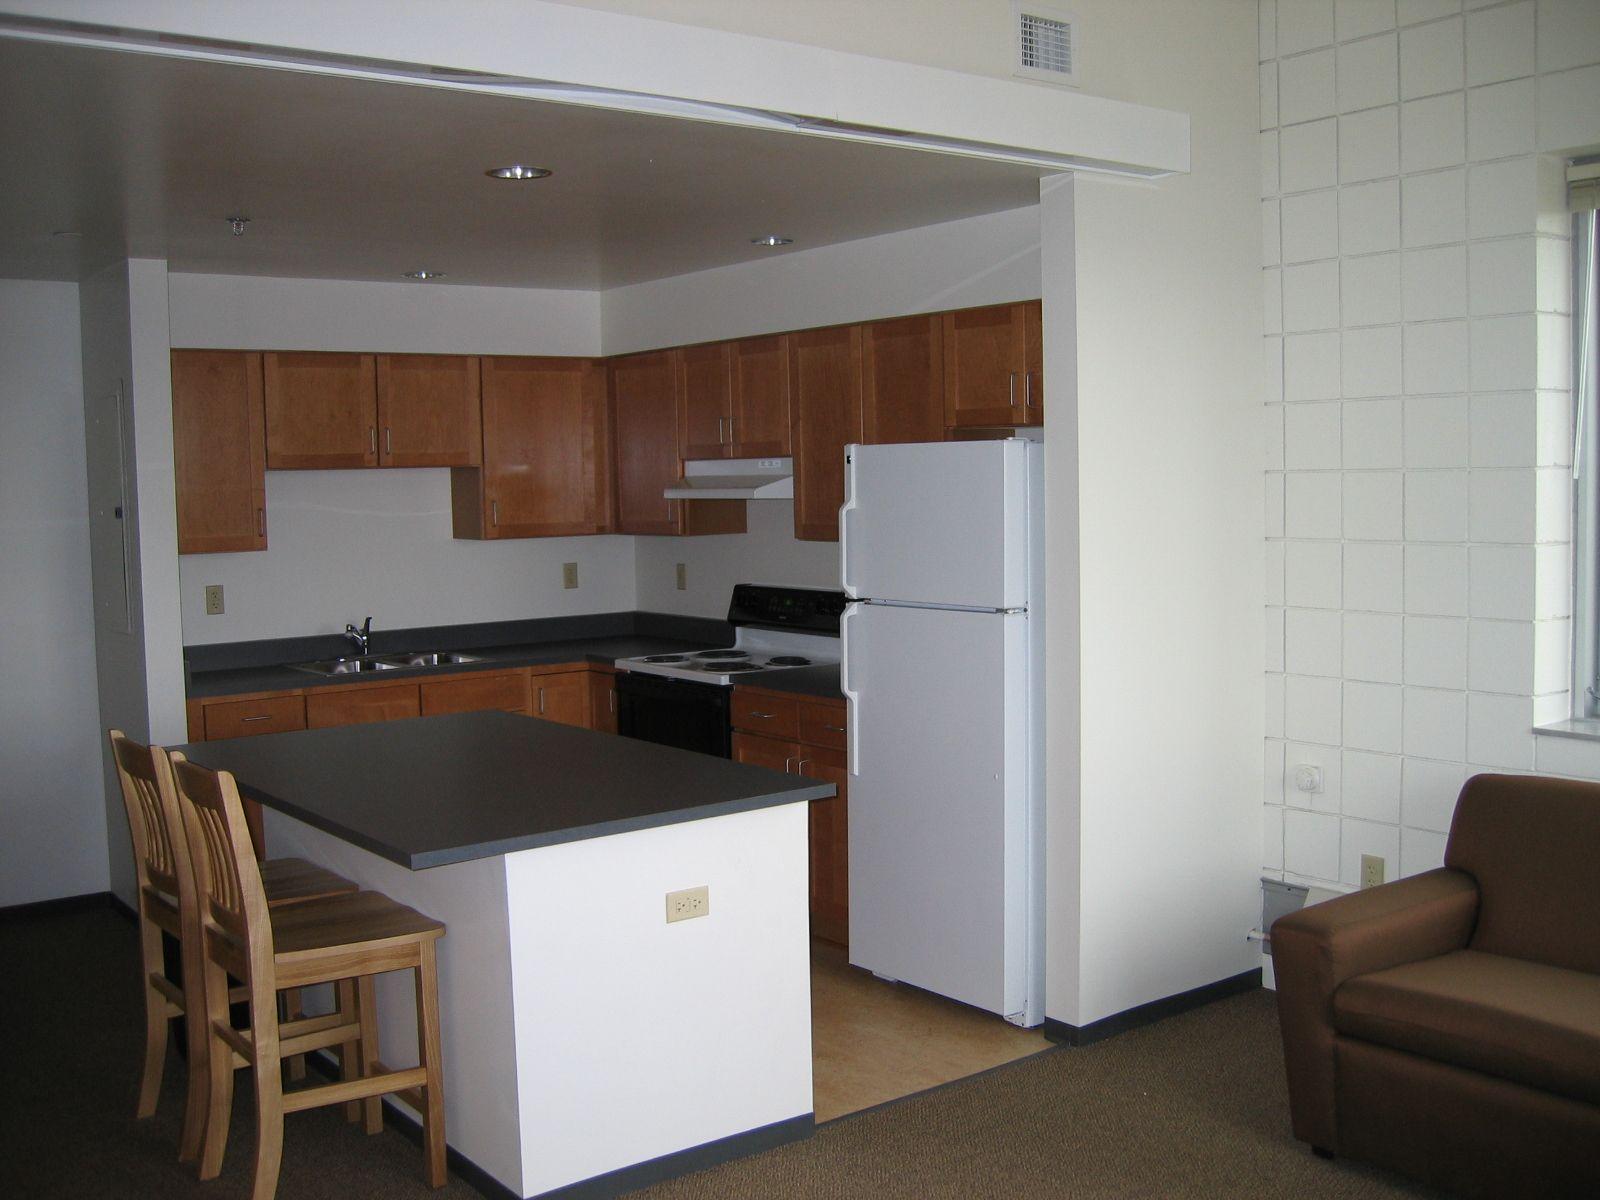 Idea Dekorasi Dapur Kecil 10